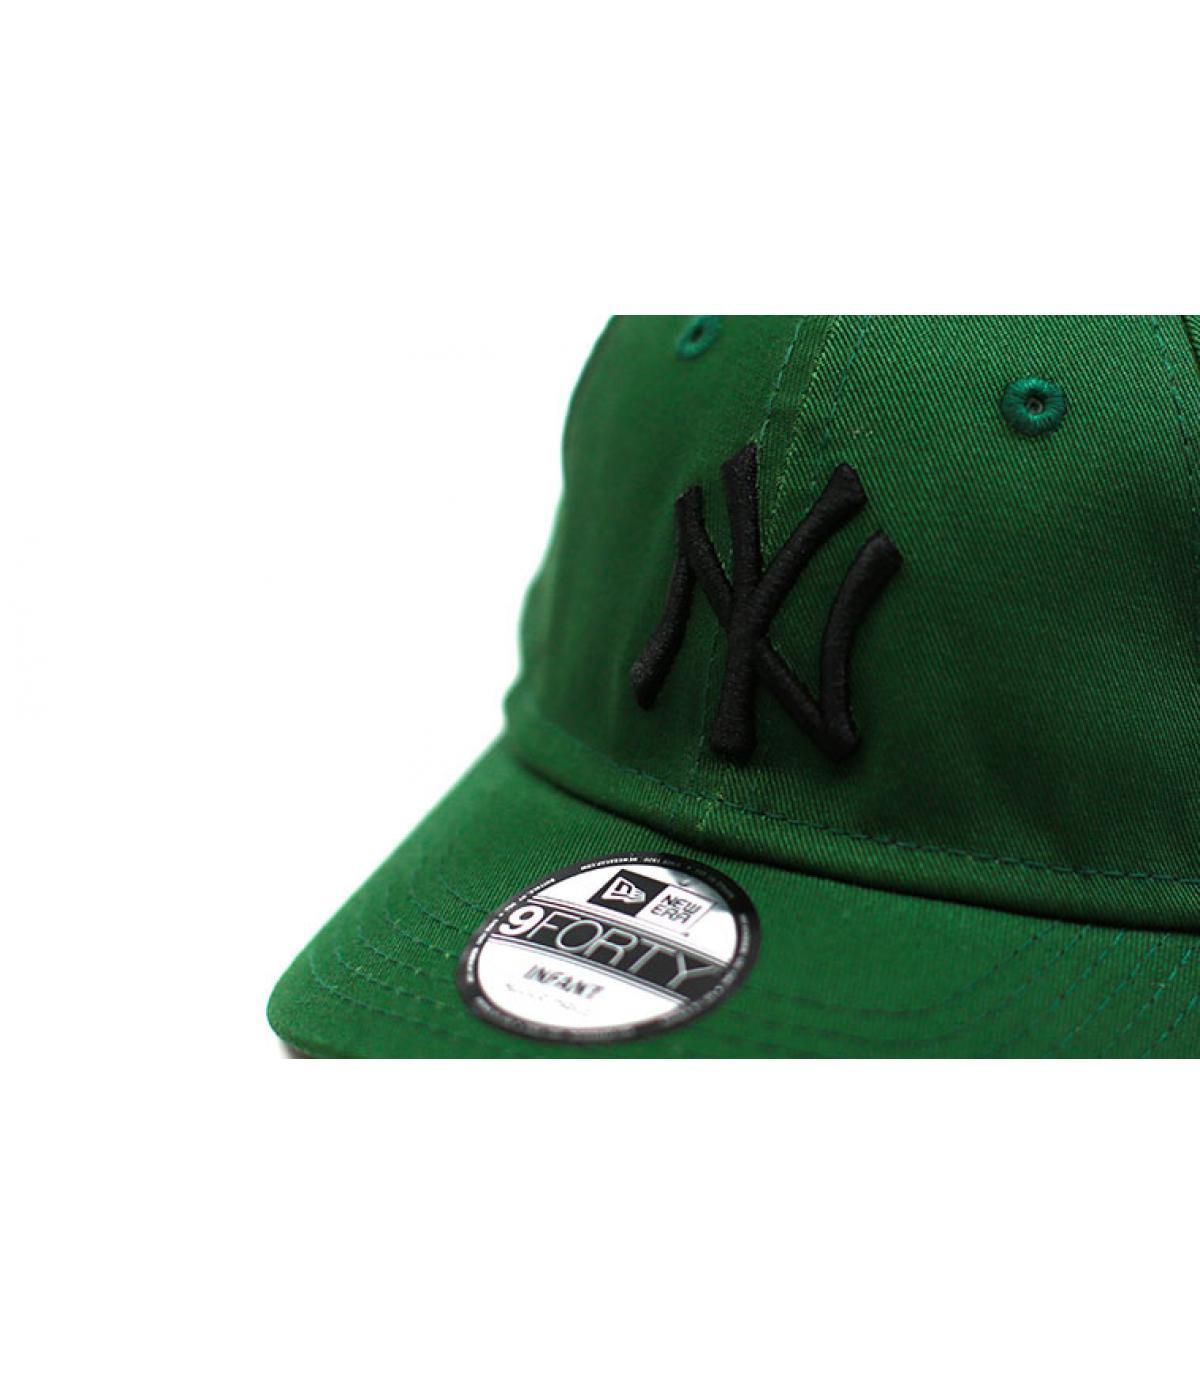 Détails Casquette bébé League Ess NY green black - image 3